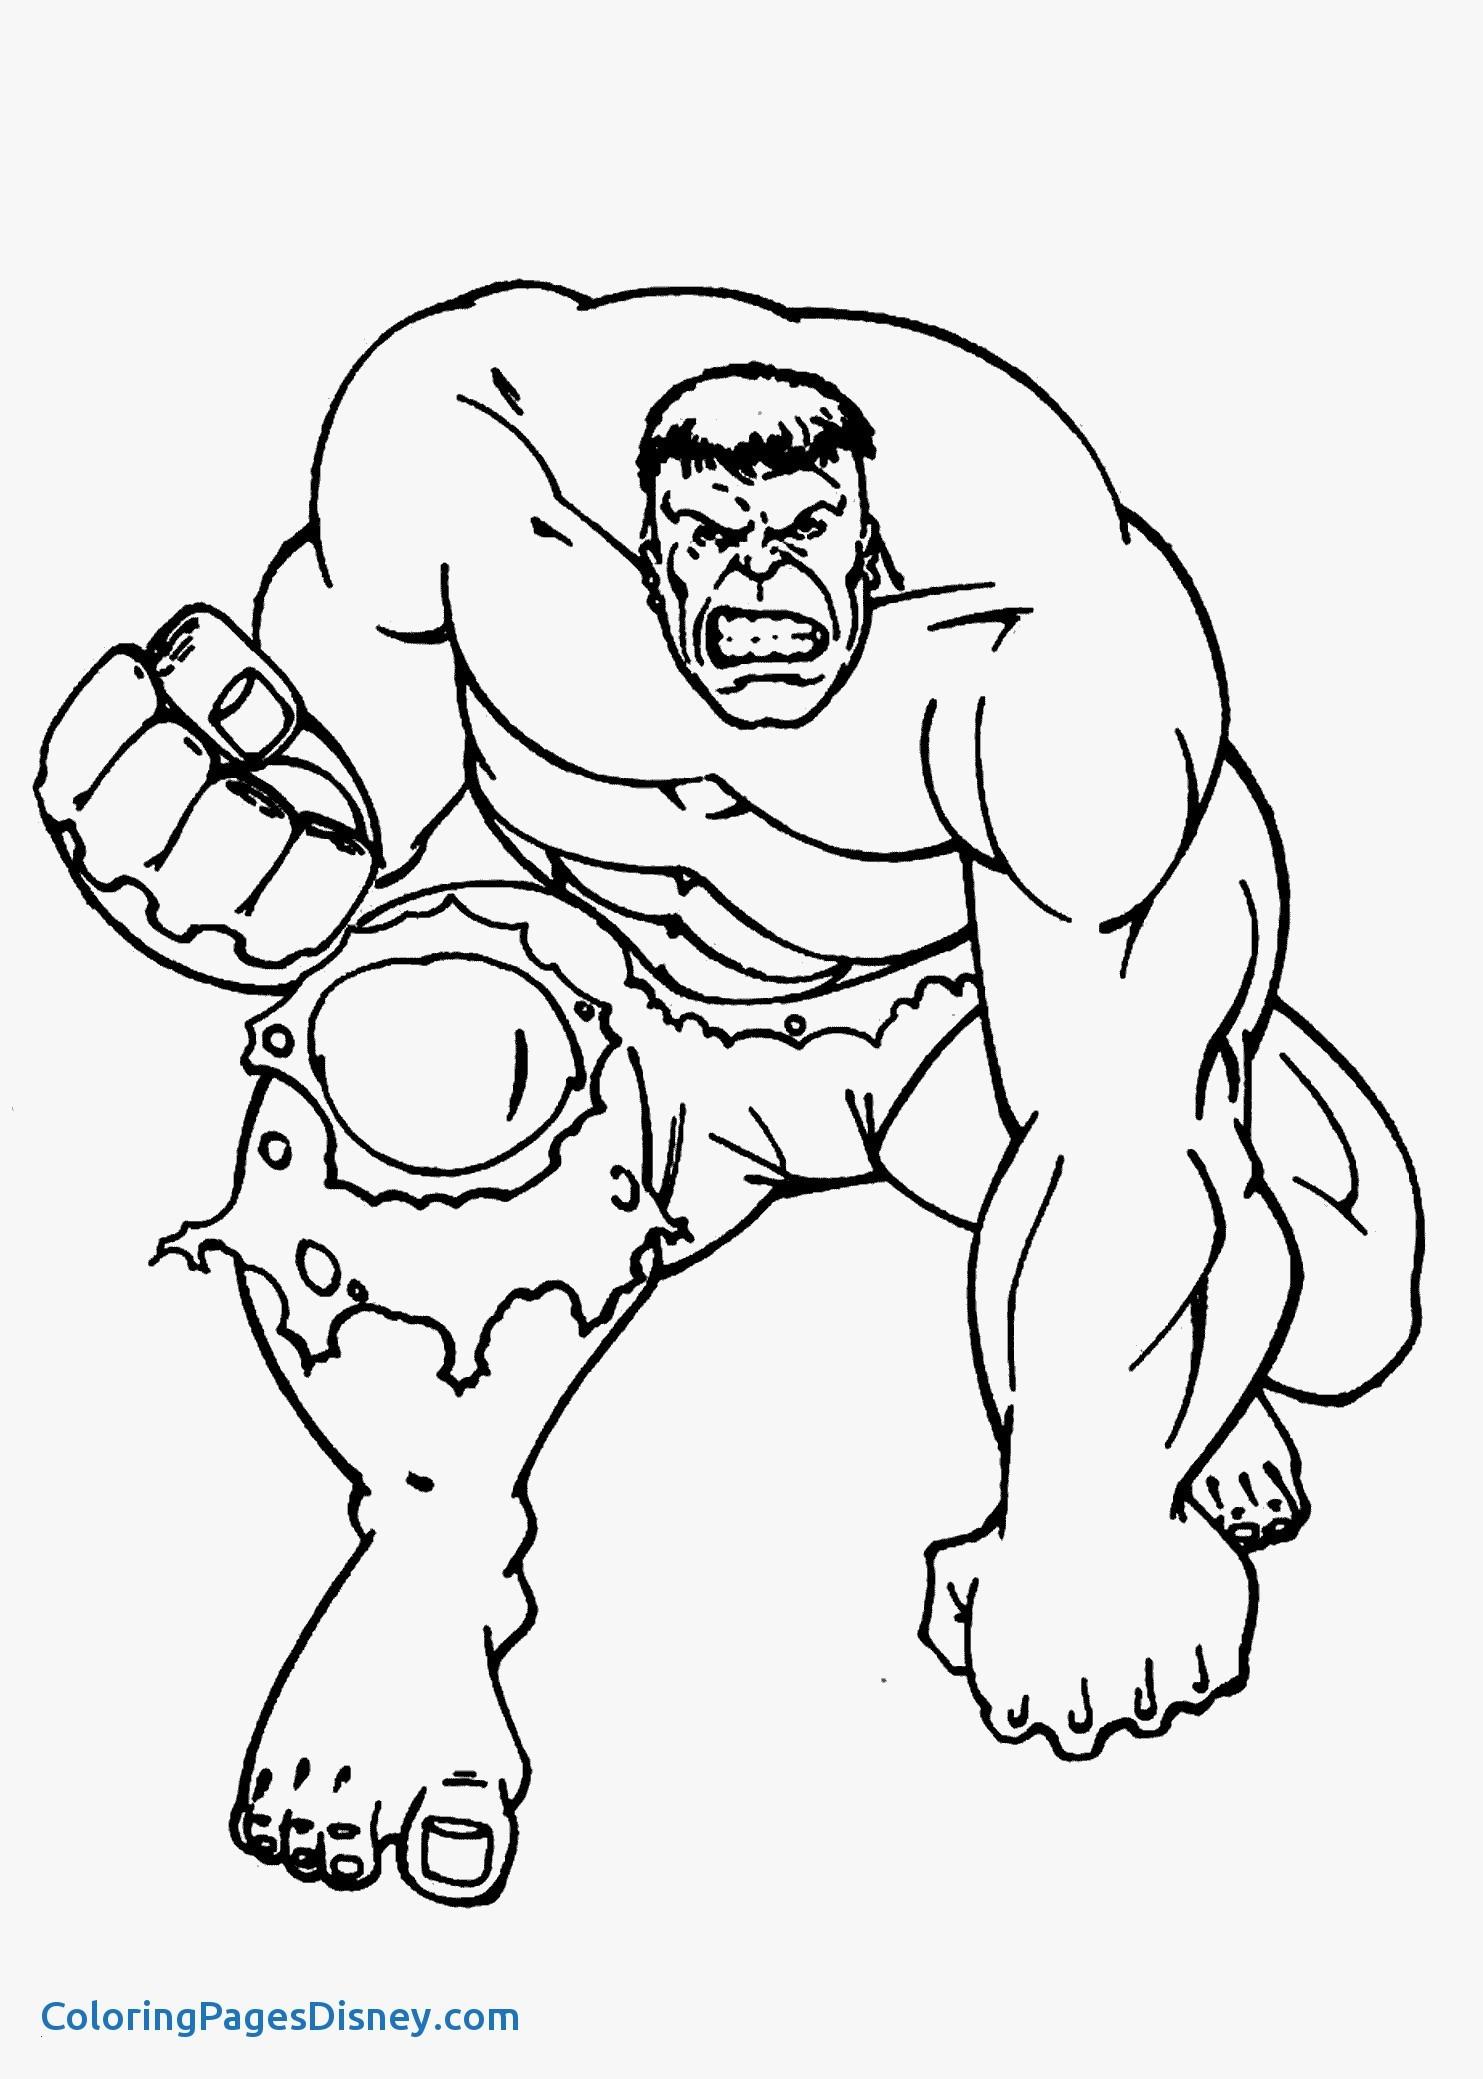 Hulk Zum Ausmalen Frisch Ausmalbilder Lego Nexo Knights Neu Nexo Knight Coloring Pages Unique Sammlung